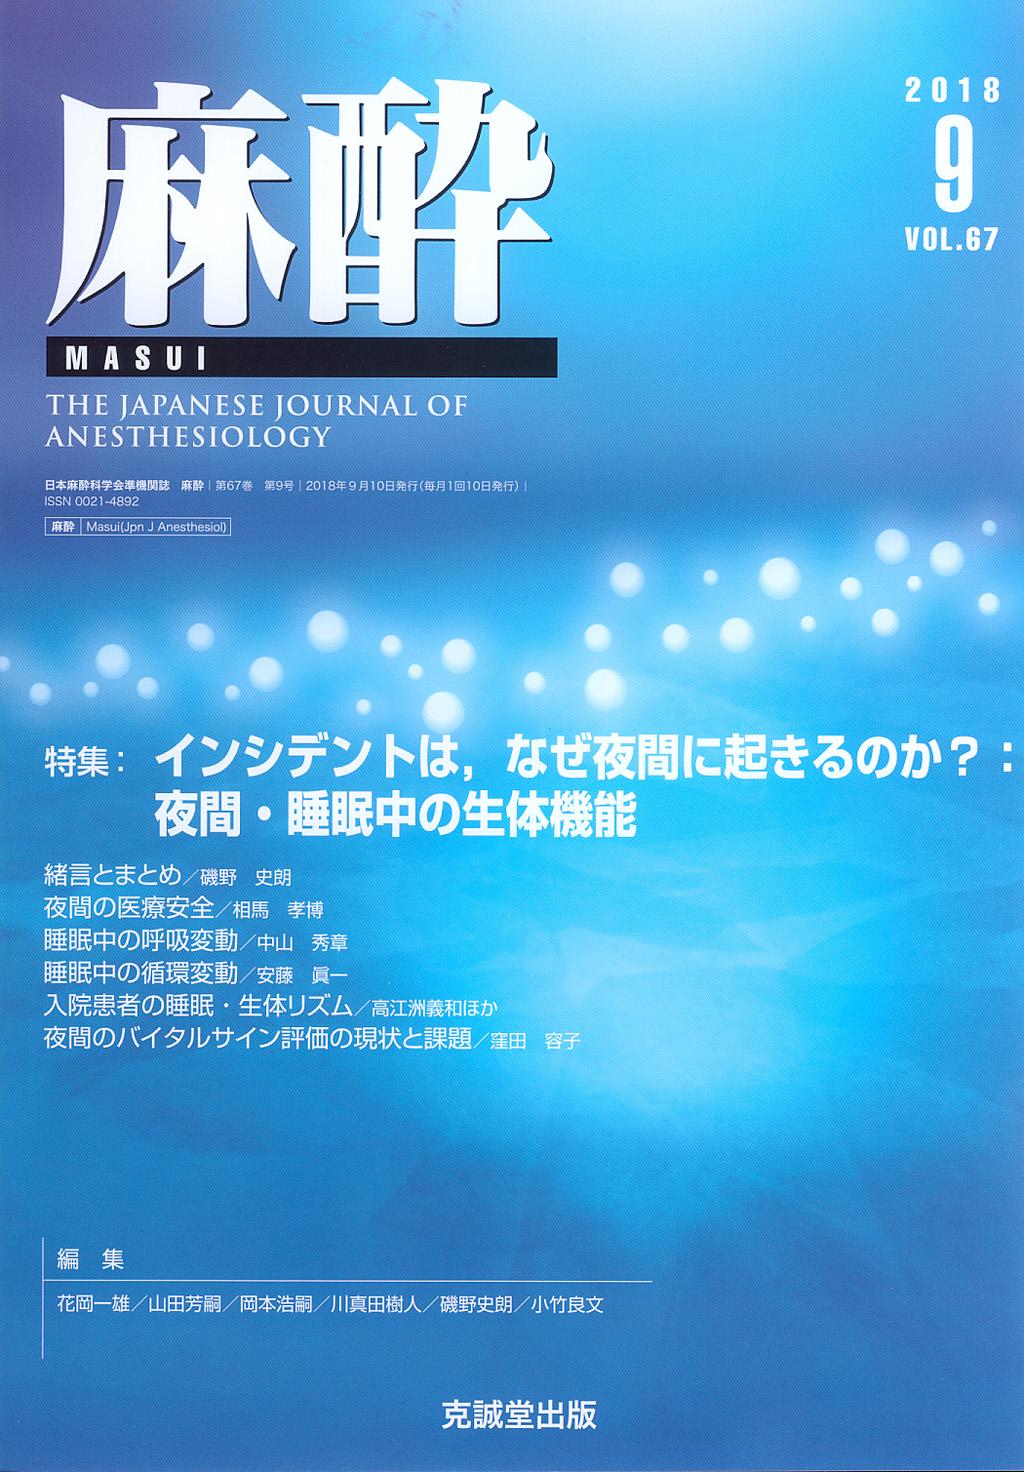 麻酔 第67巻第9号(2018年9月号)